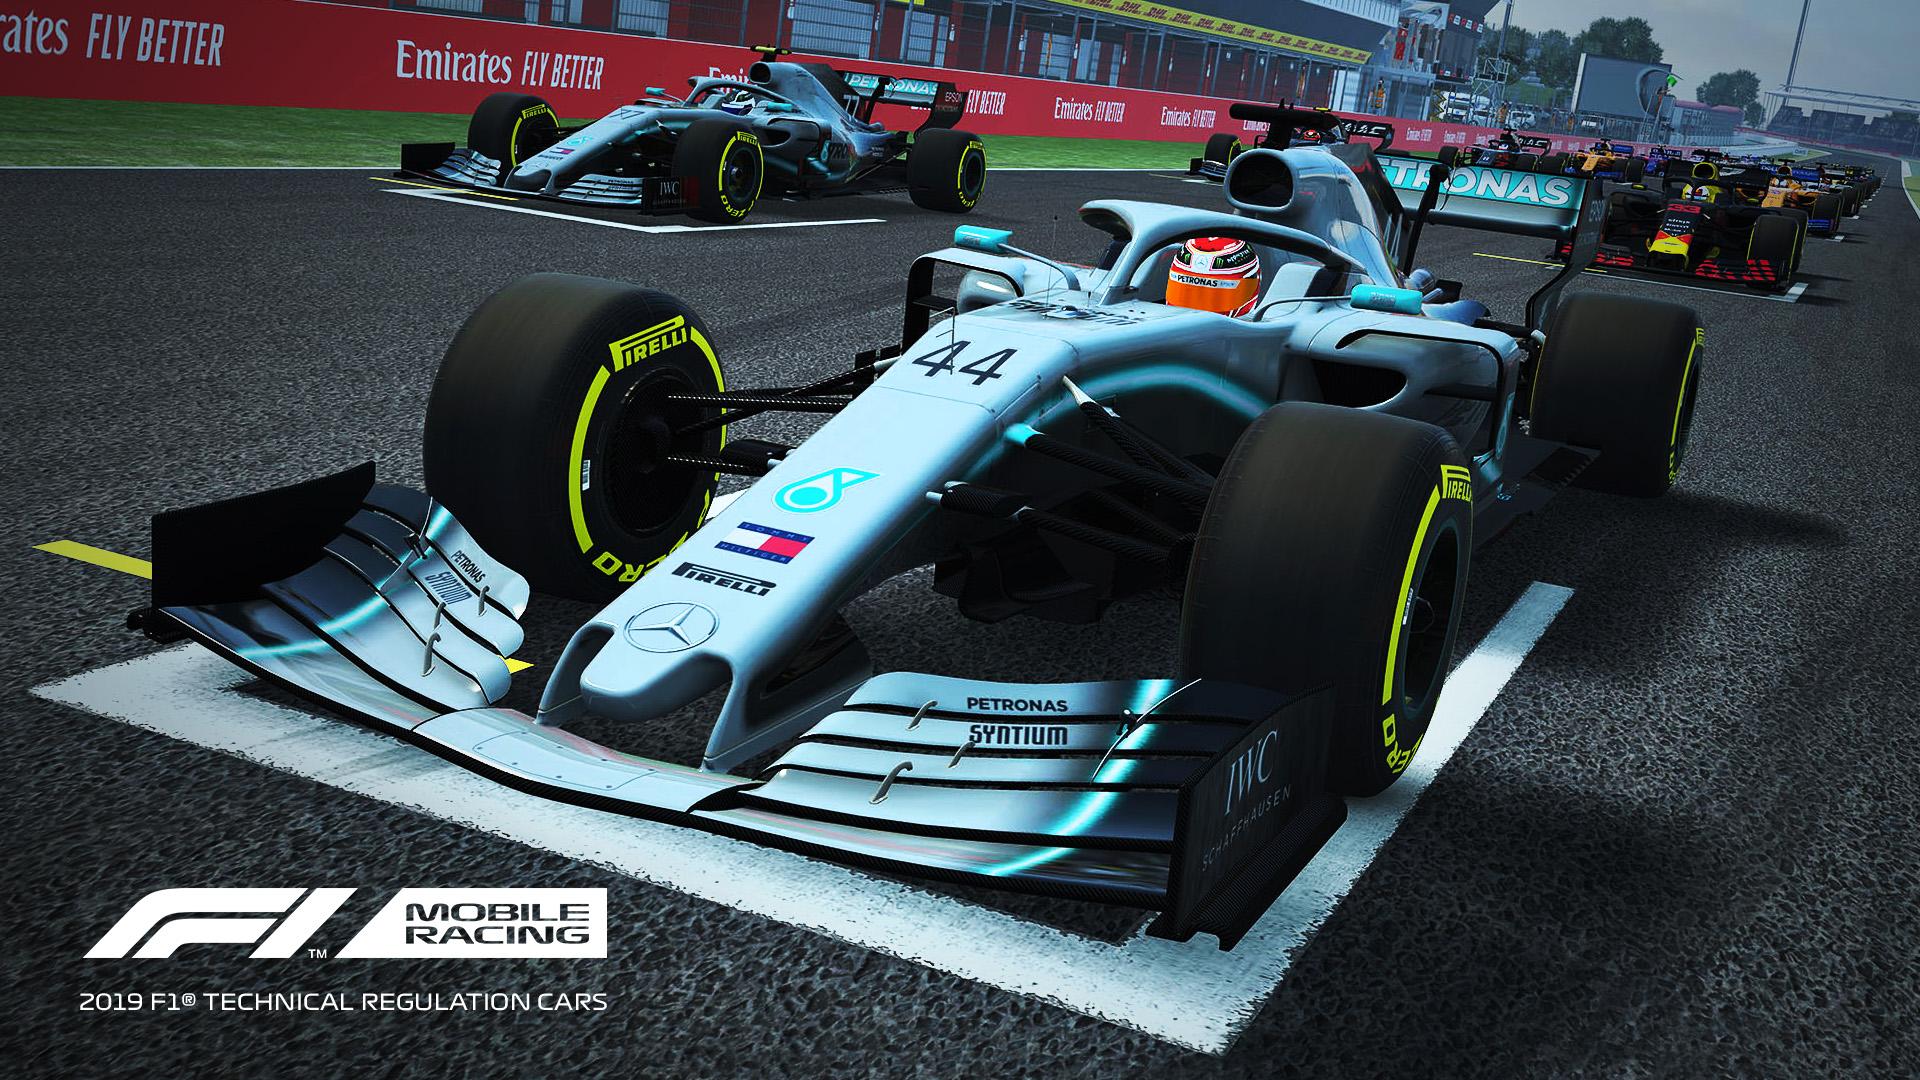 F1 Mobile Racing 2019 Update.jpg